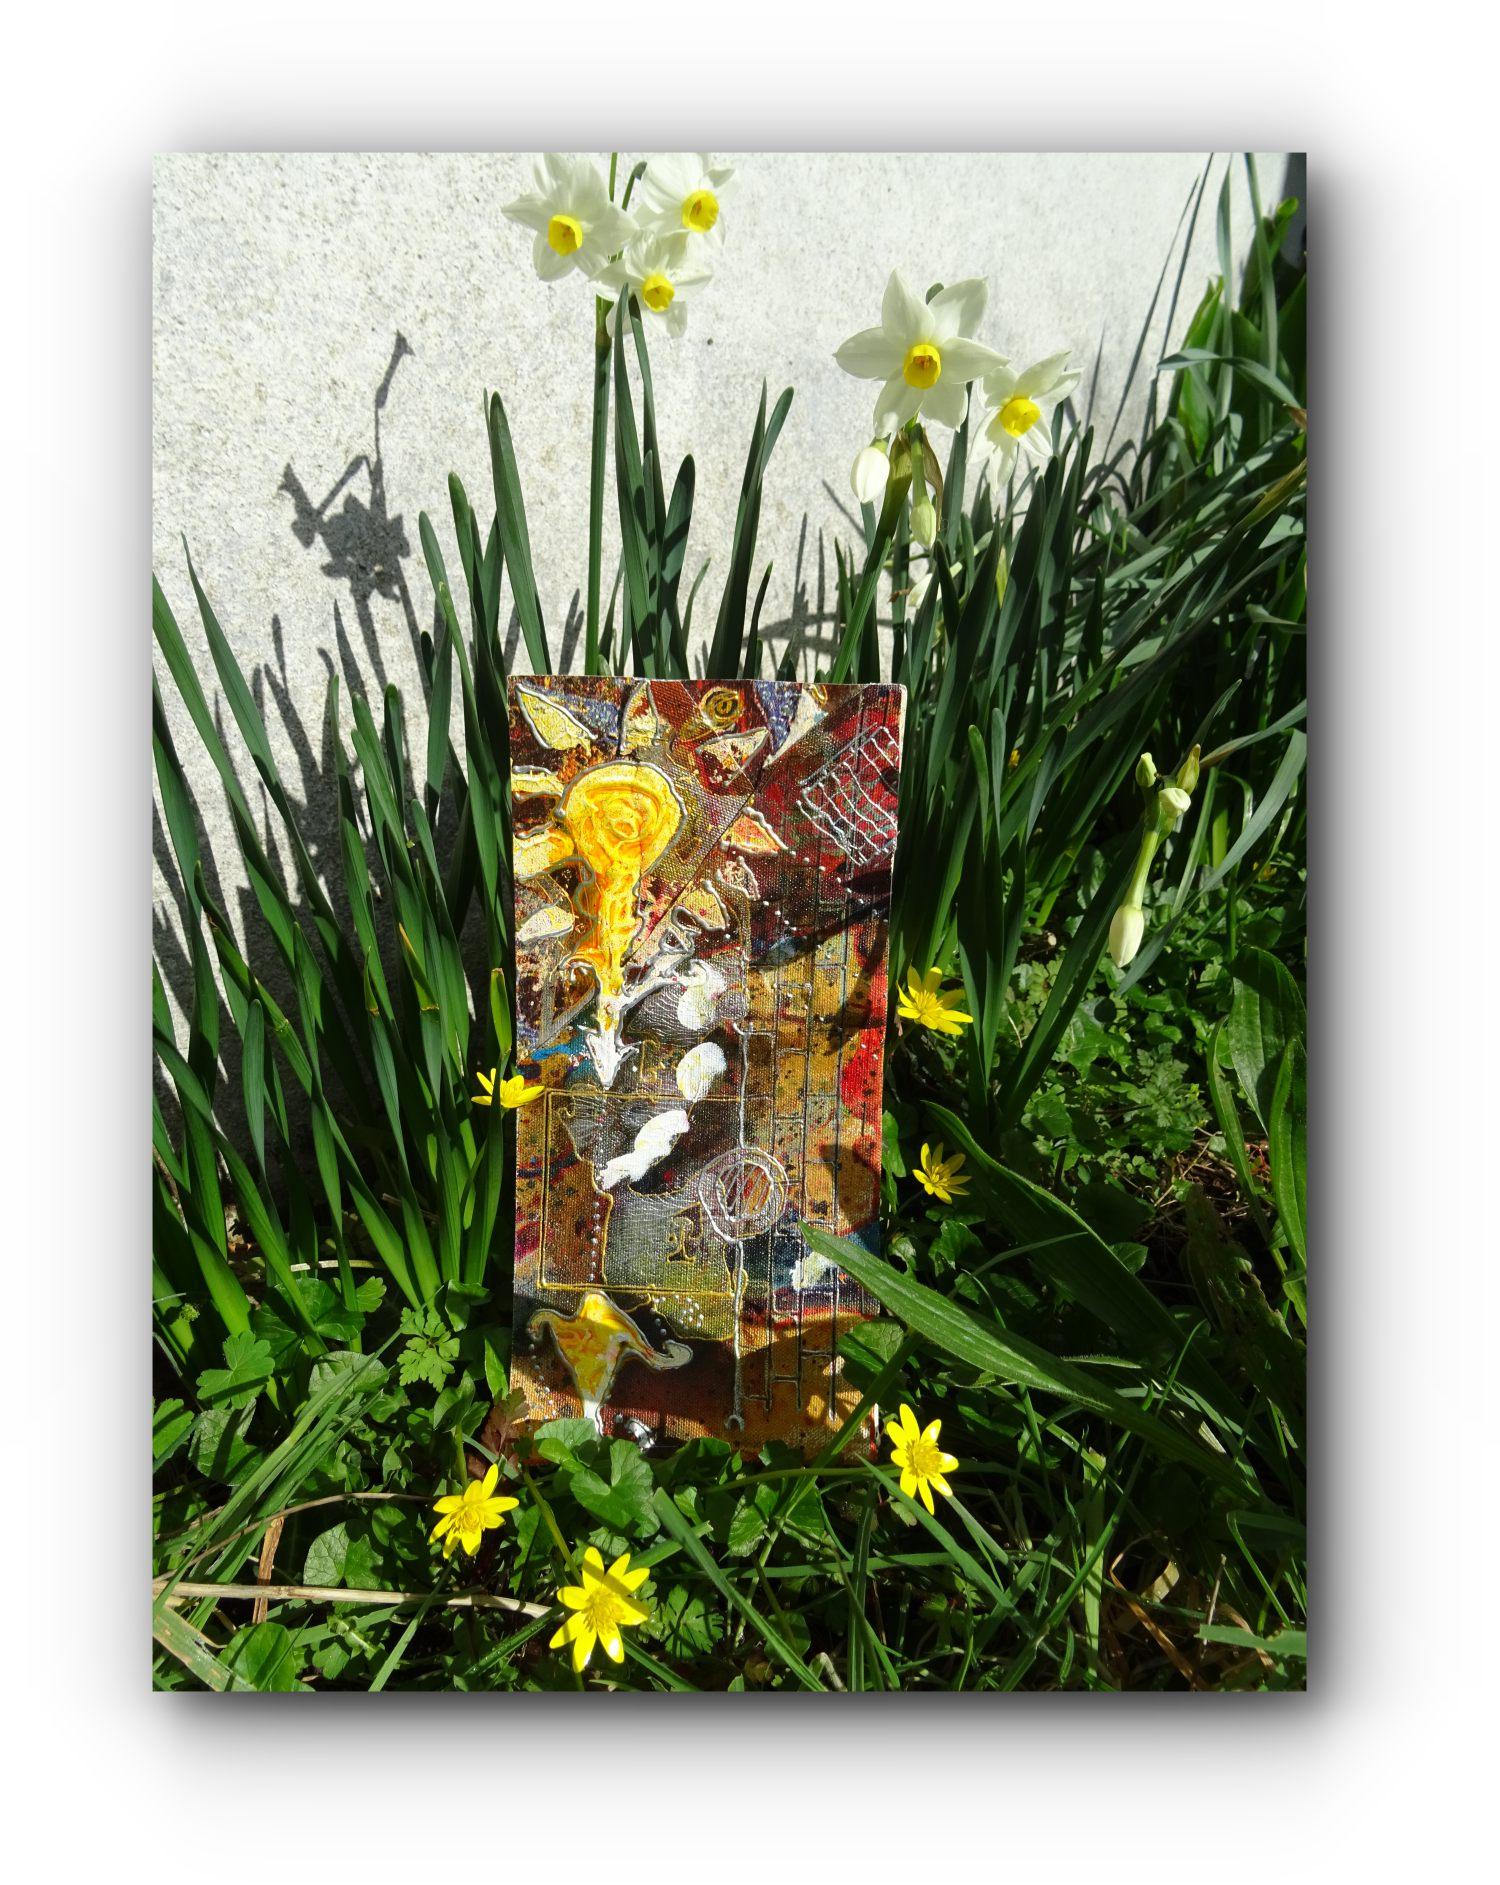 painting-spring-flower-artist-duo-ingress-vortices.jpg